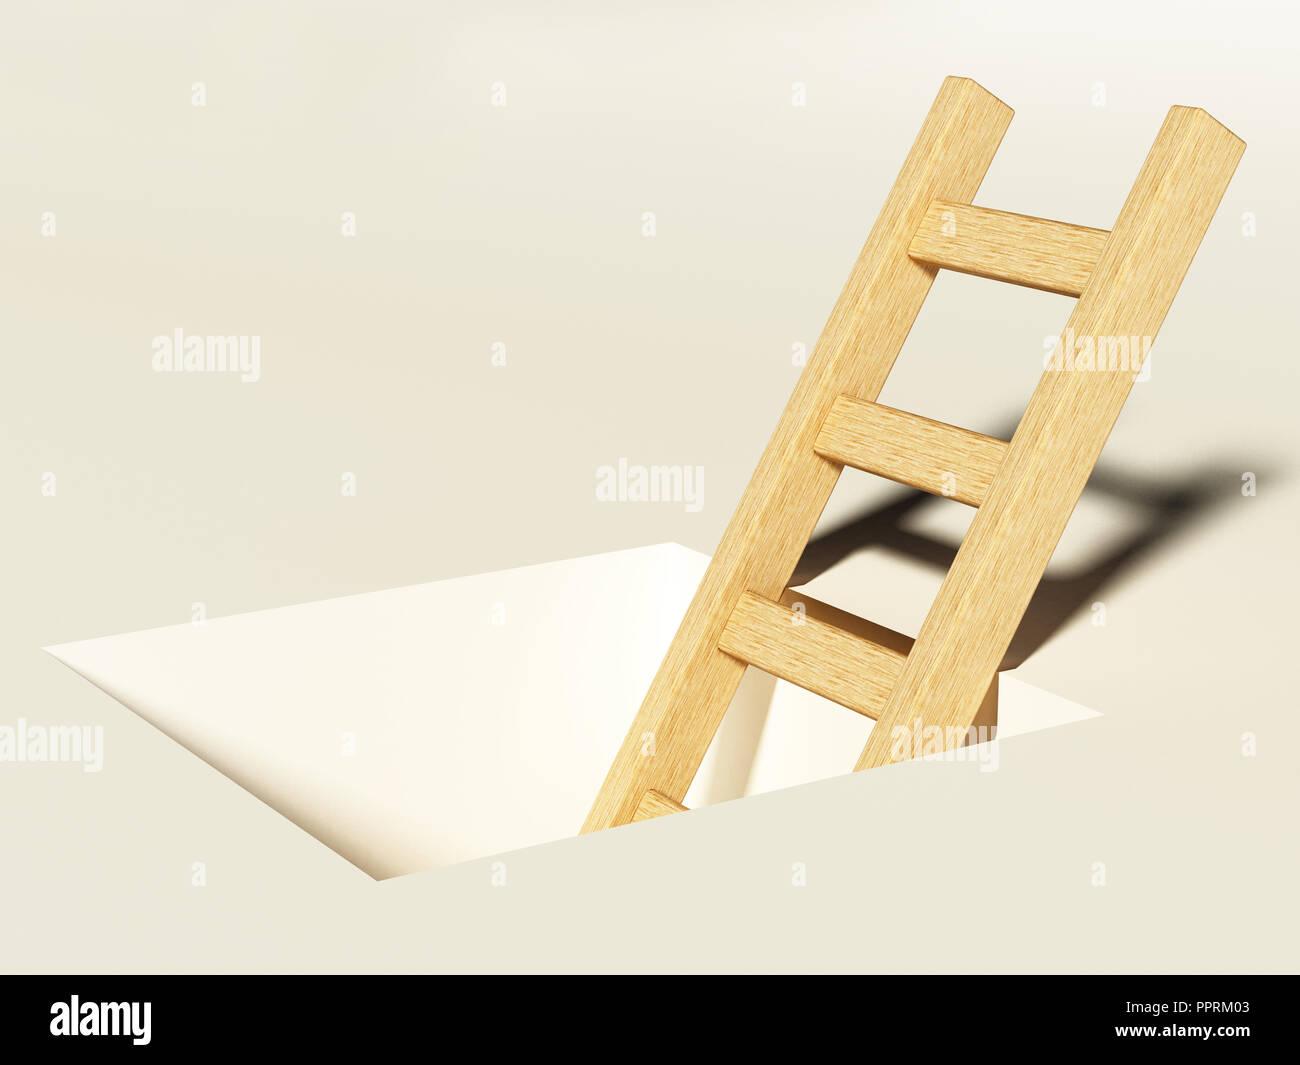 Scaletta in legno che si eleva al di sopra del foro quadrato sul terreno. Immagini Stock